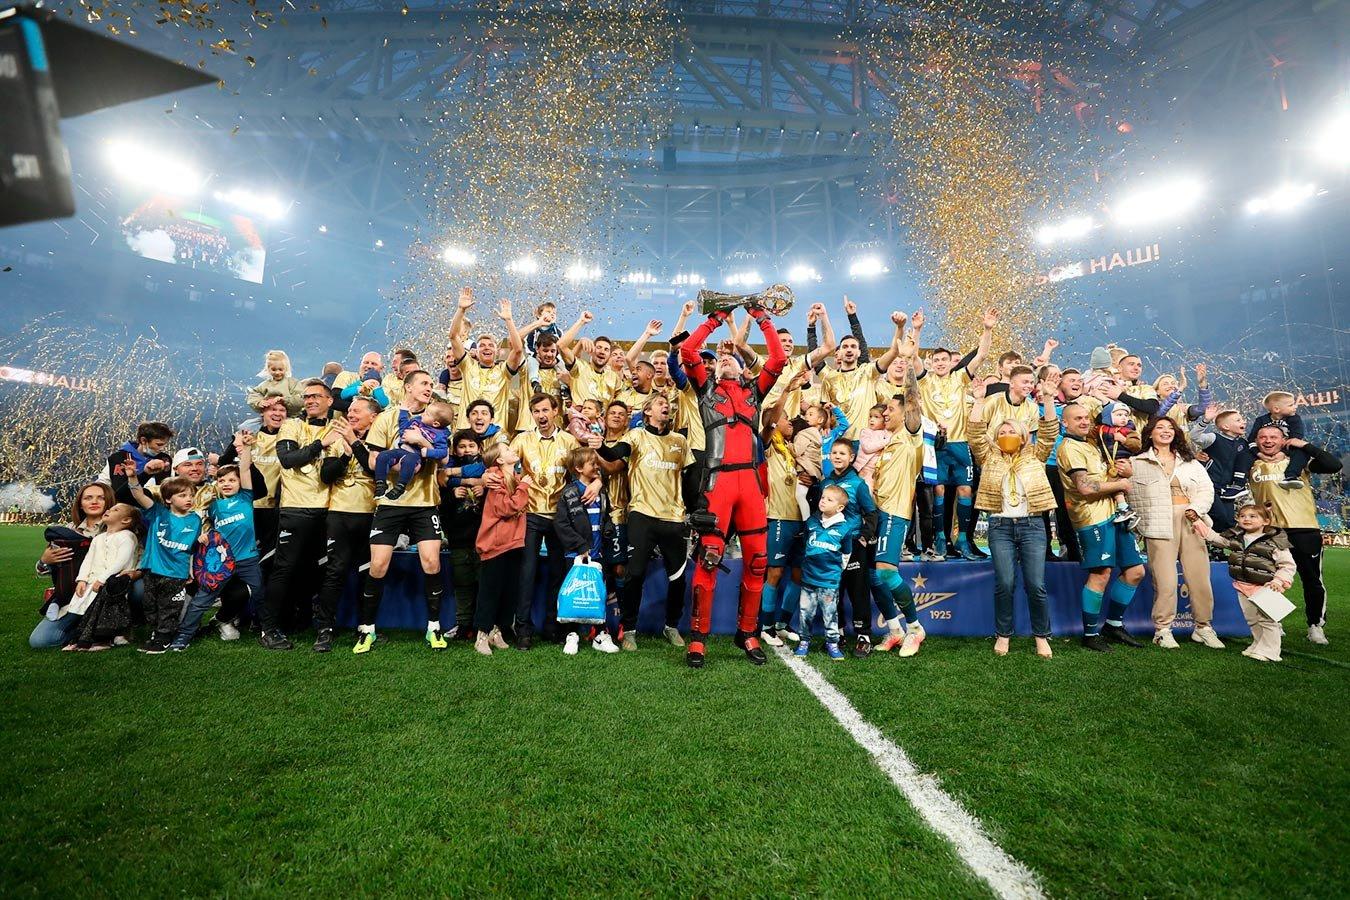 В Госдуме отреагировали на досрочное завоевание чемпионства «Зенитом»